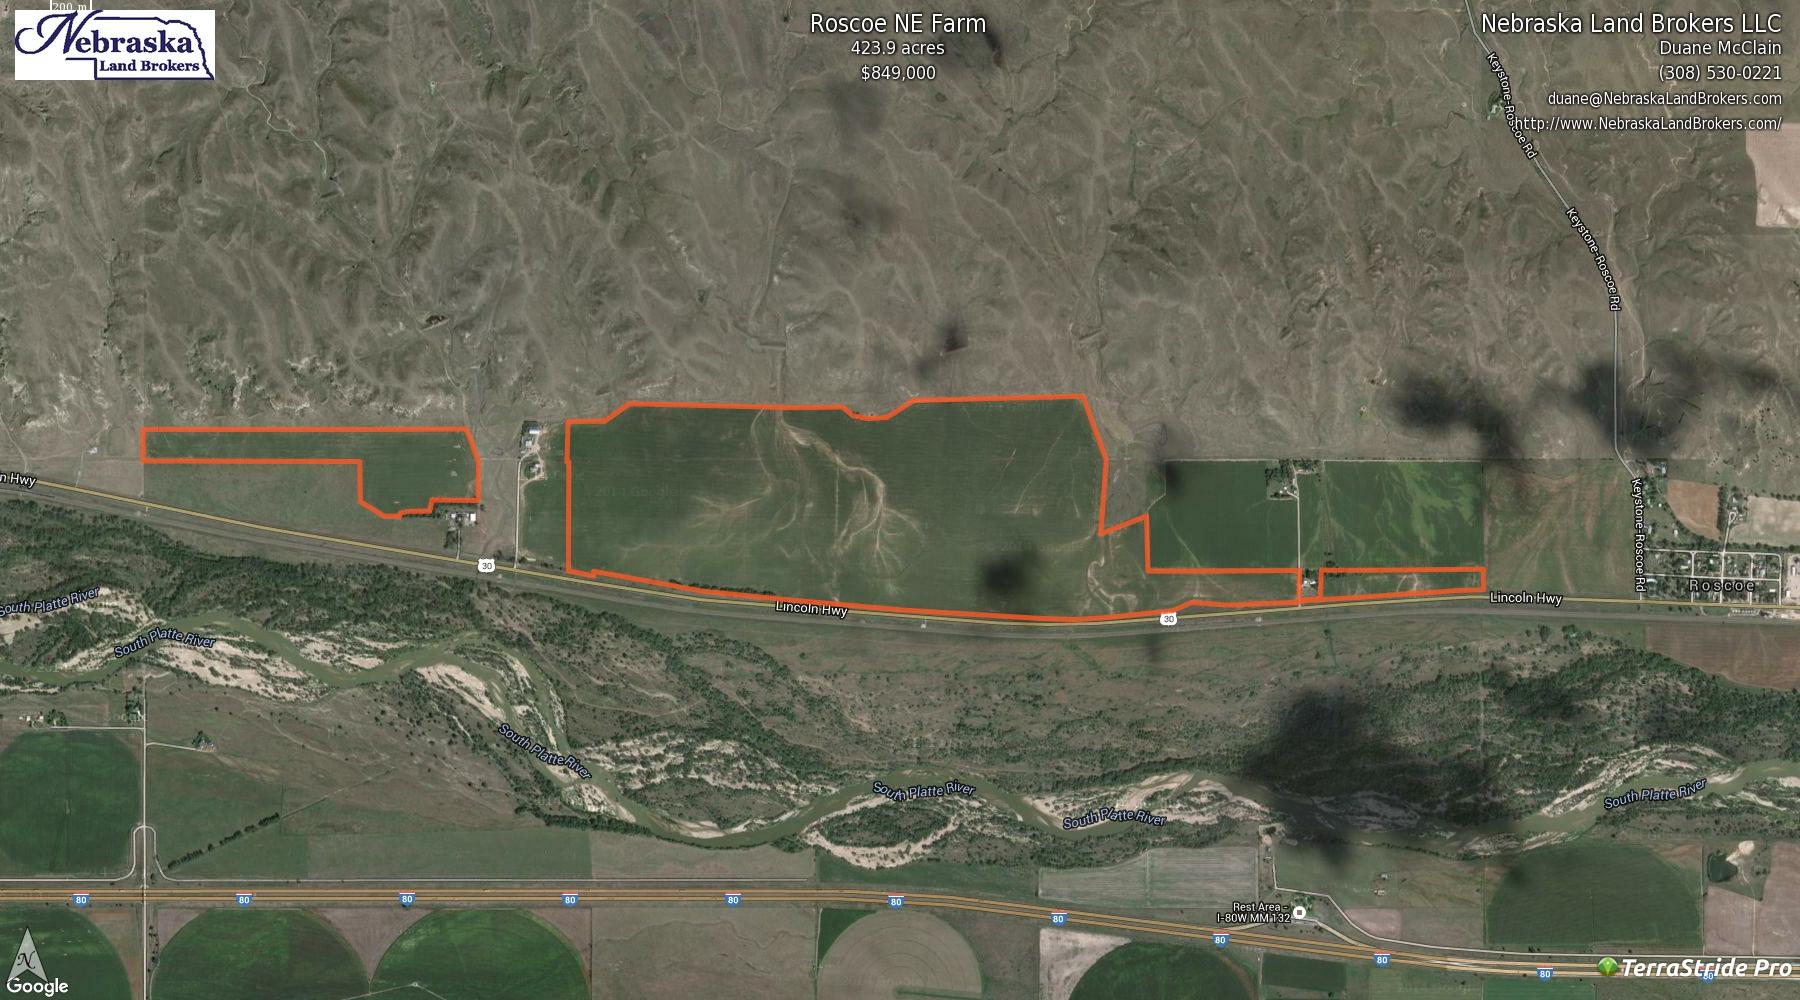 Roscoe NE Google Aerial.jpg